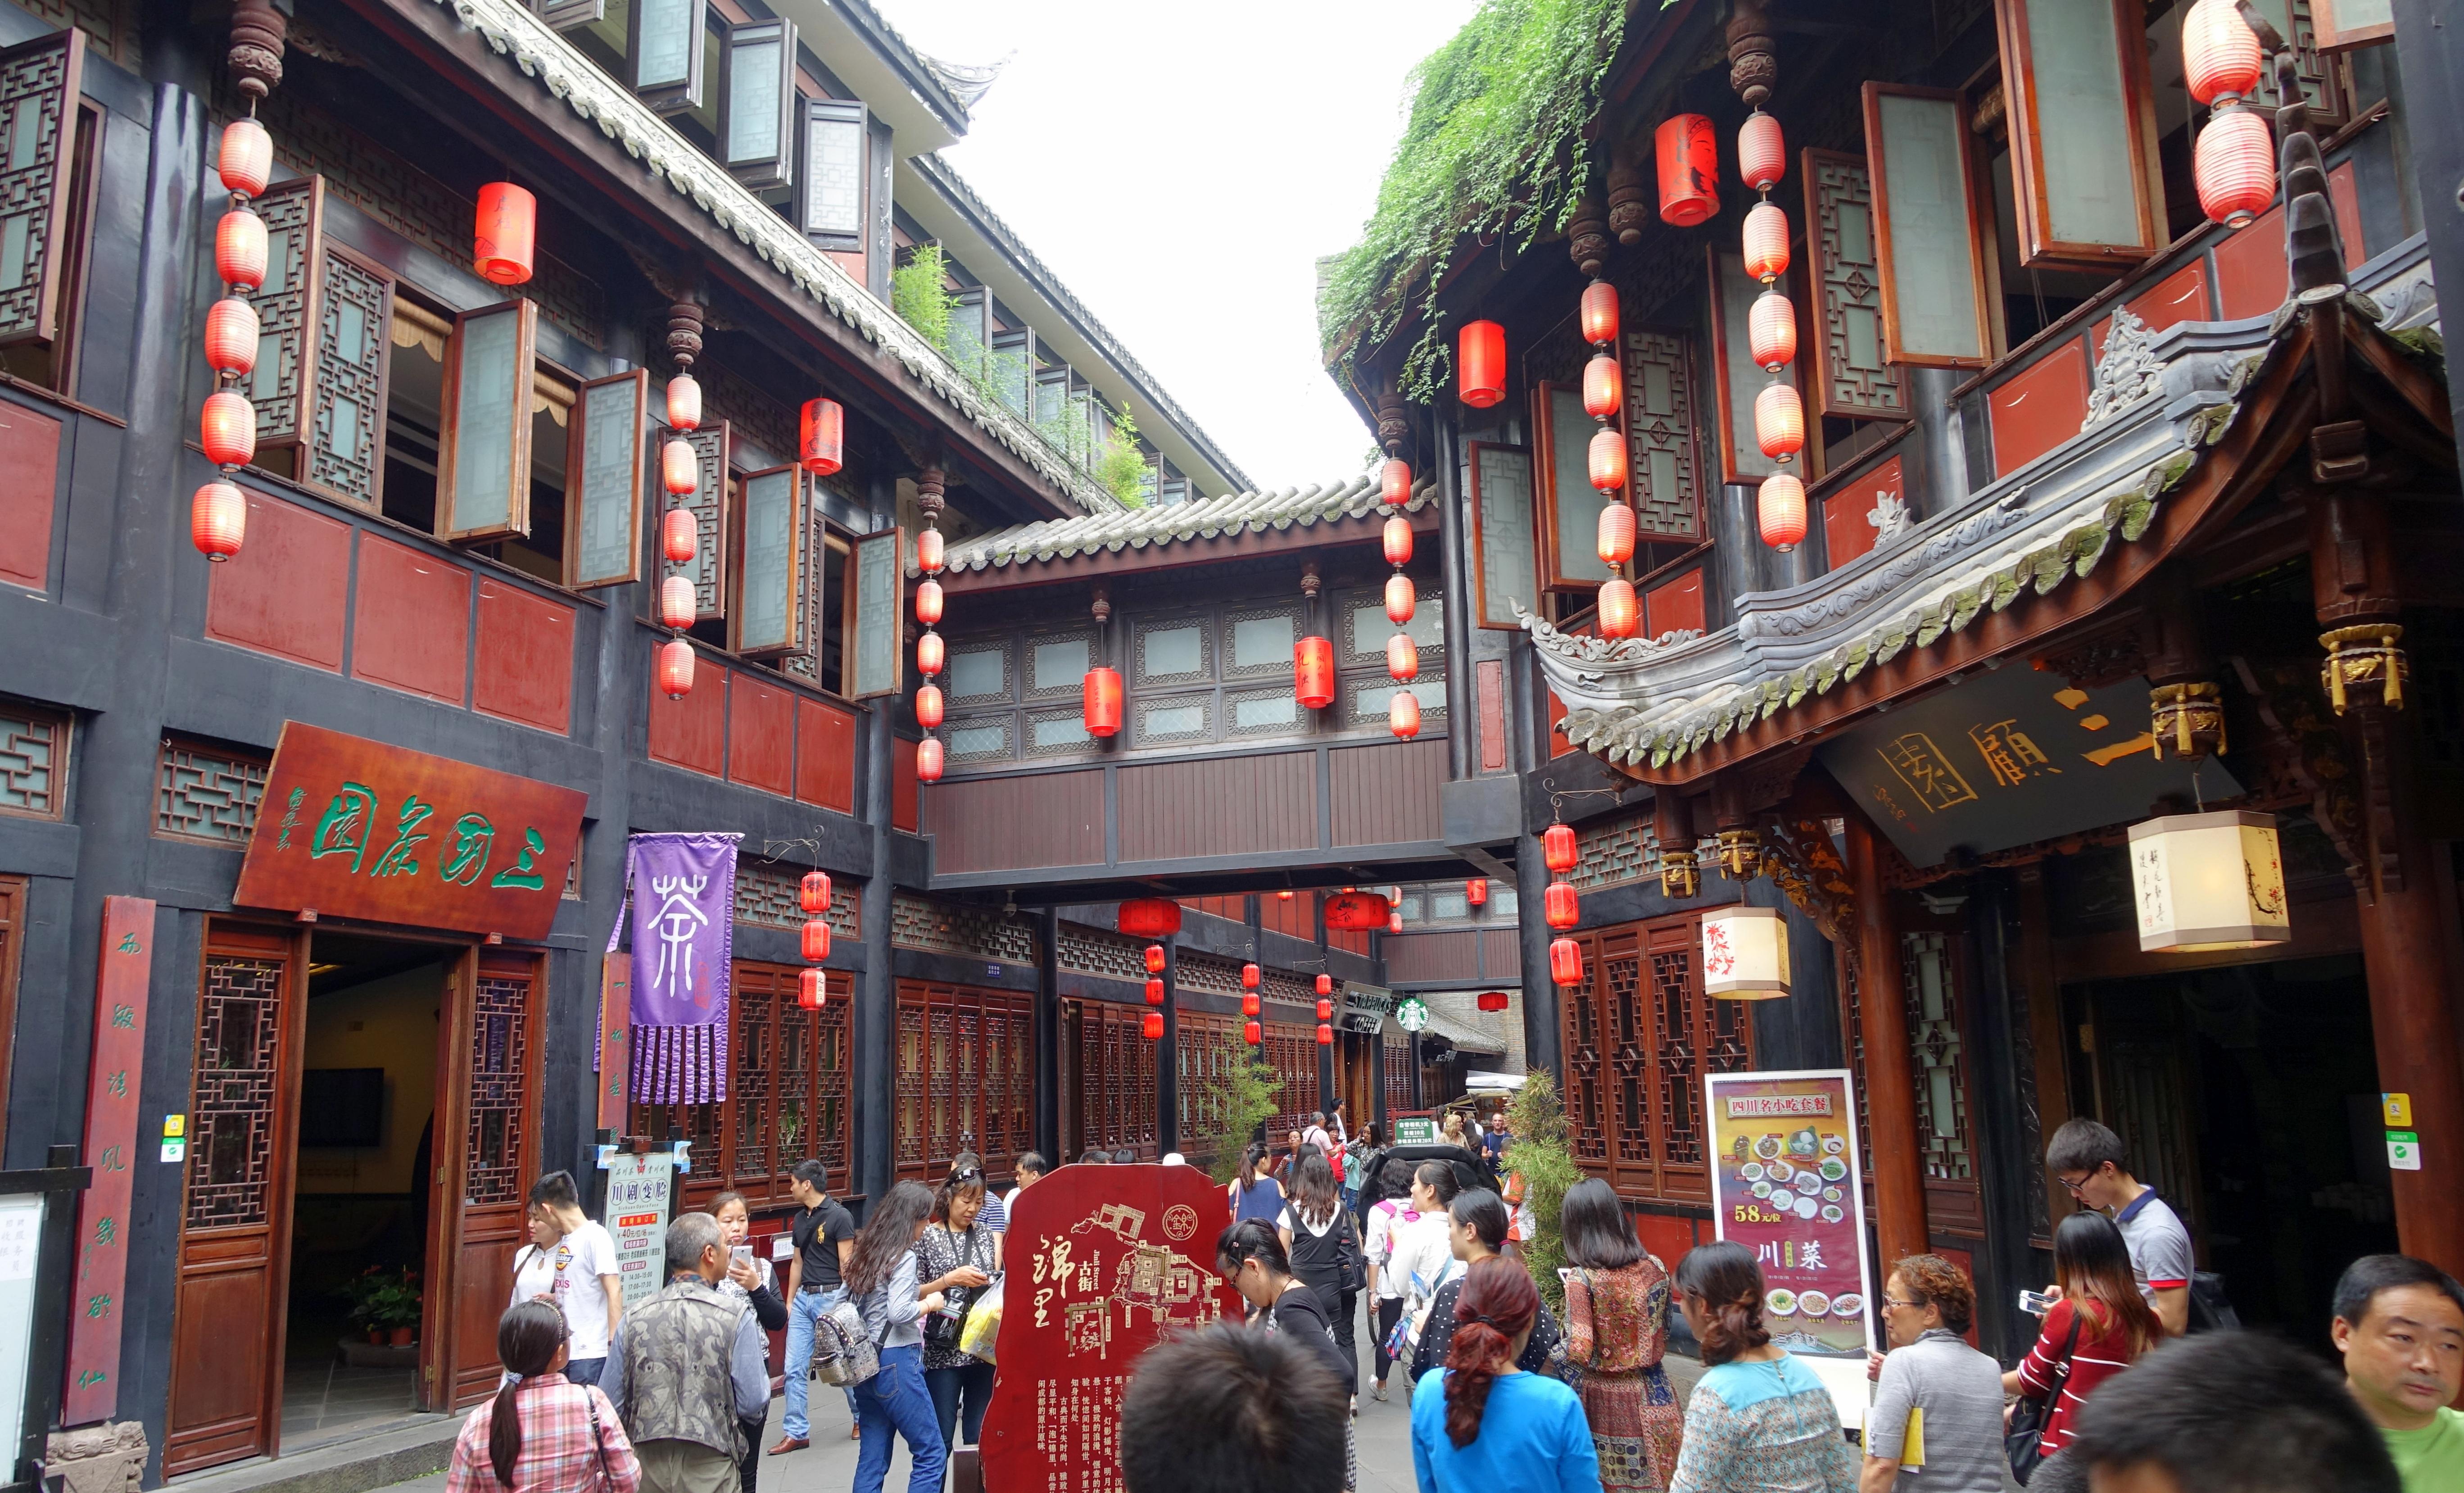 Jinli Street - Chengdu, China - DSC05396.jpg